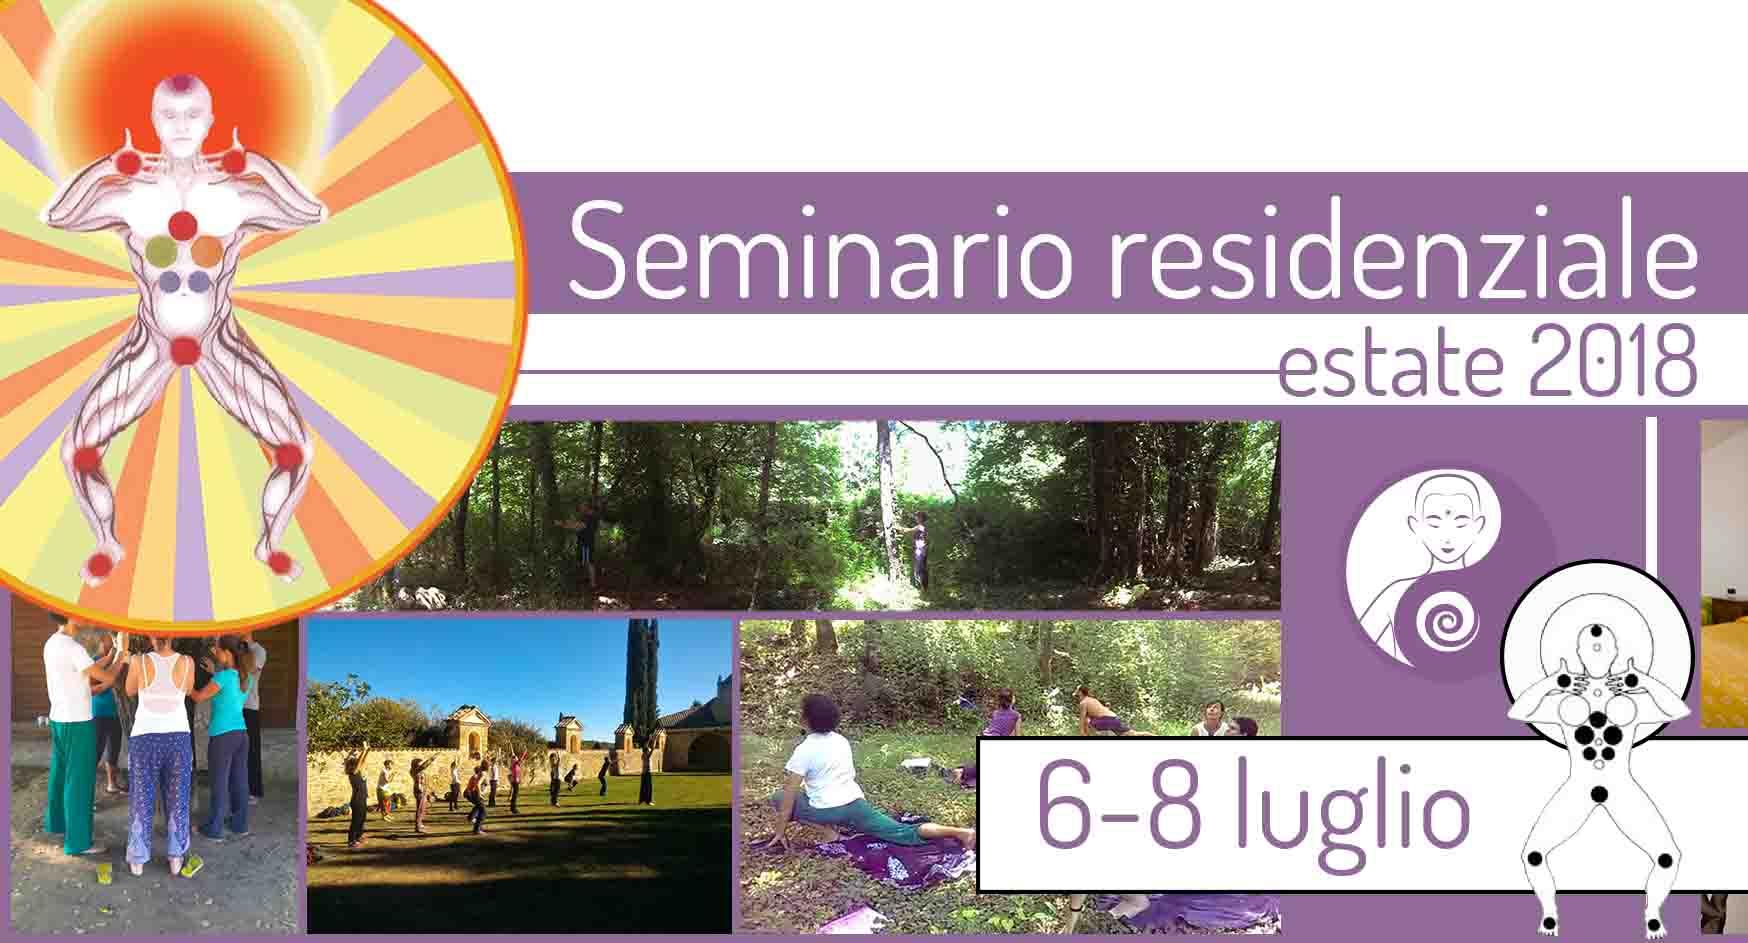 Seminario residenziale estivo: 6-8 luglio 2018